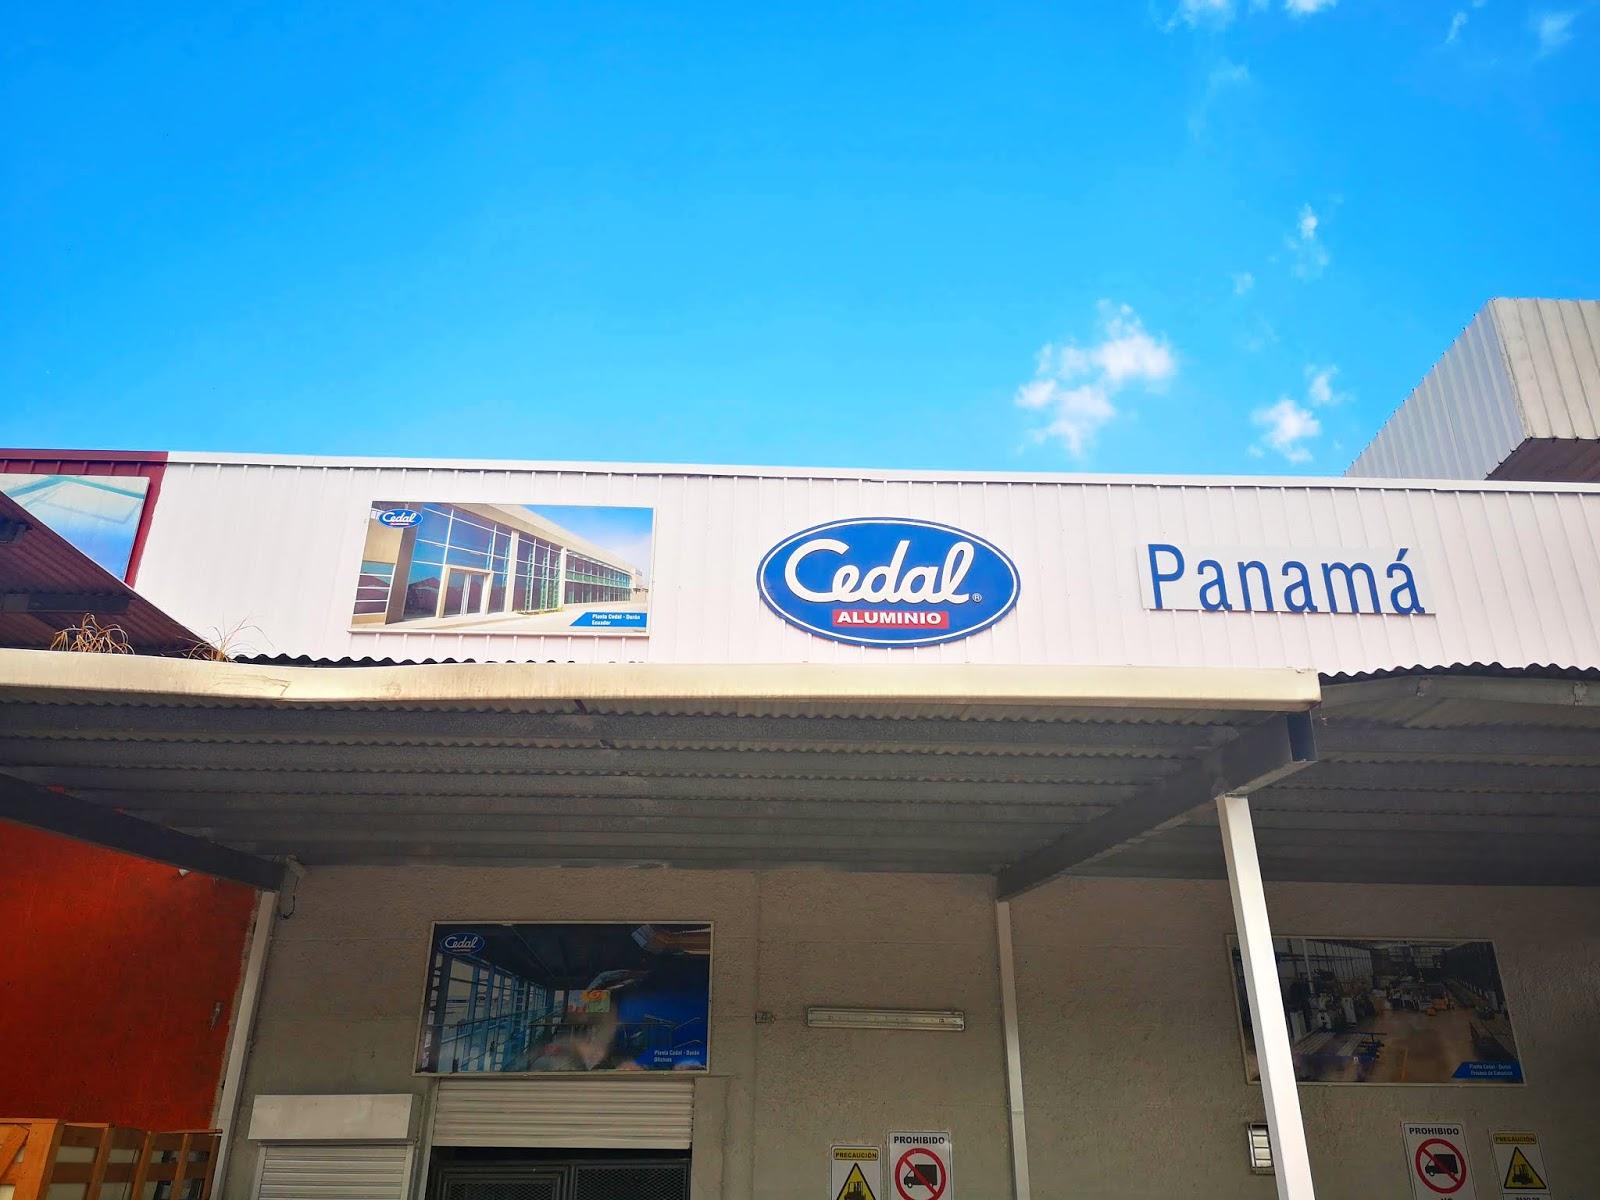 Corporación Ecuatoriana de Aluminio S.A CEDAL se expande a Panamá